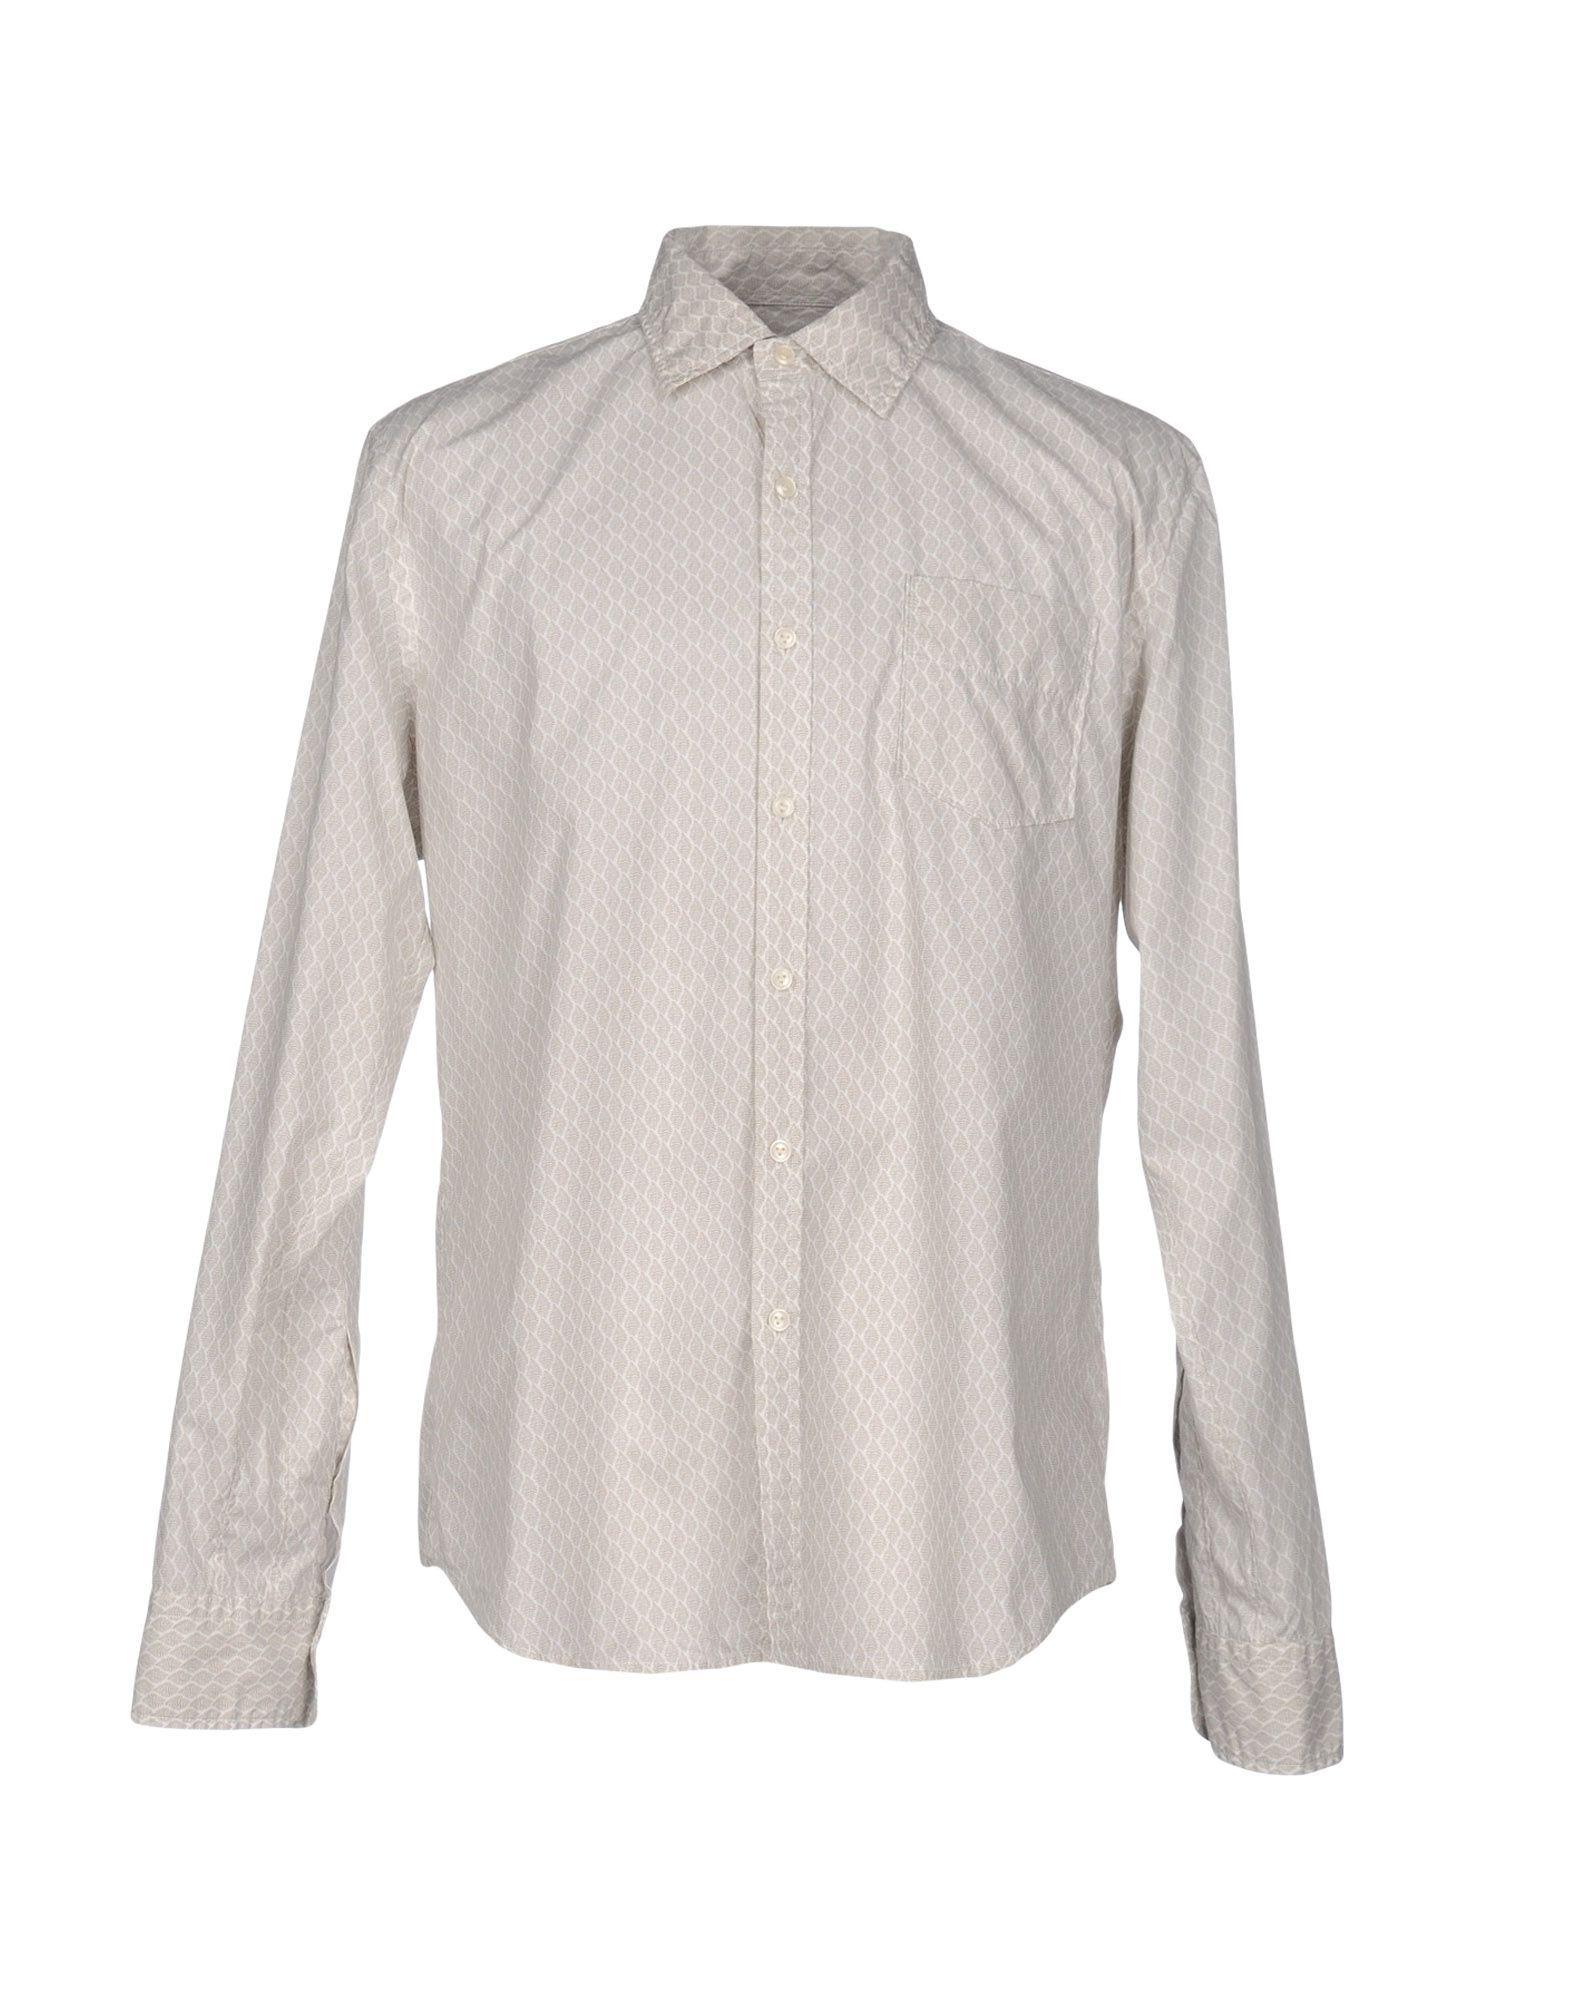 SHIRTS Vintage 55 Beige Man Cotton